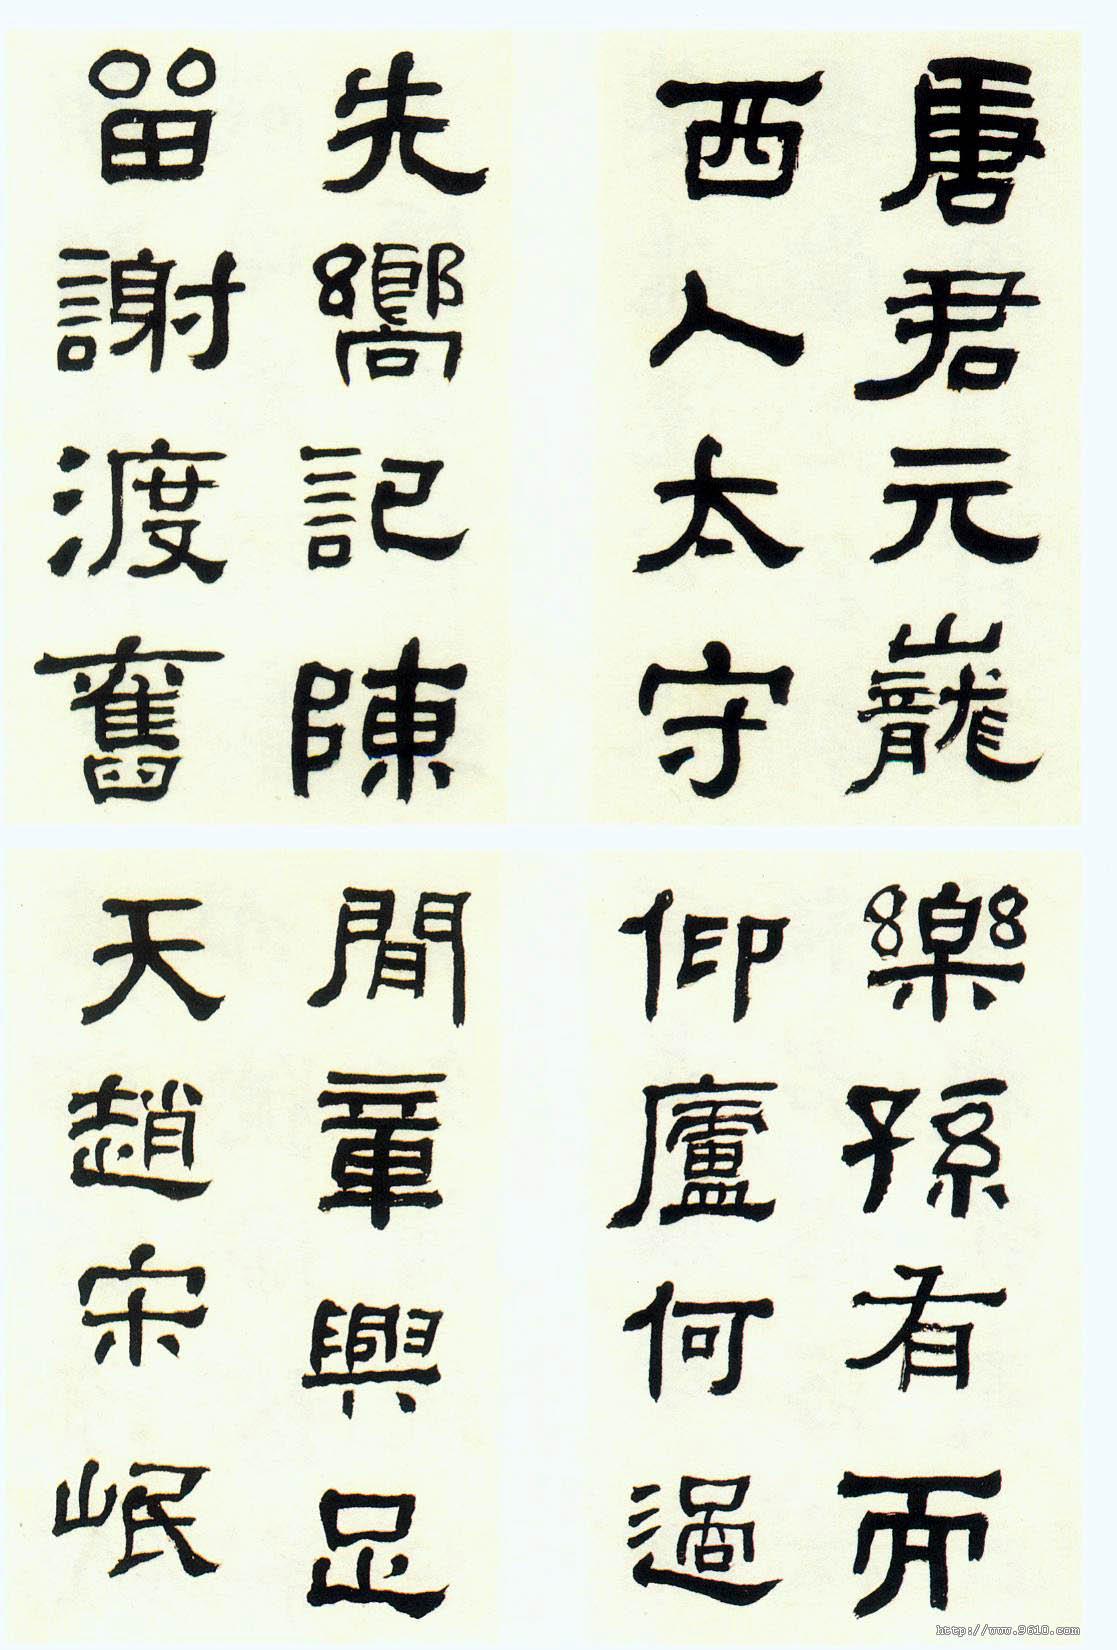 何绍基楷隶书《律诗册》 - 老排长 - 老排长(6660409)